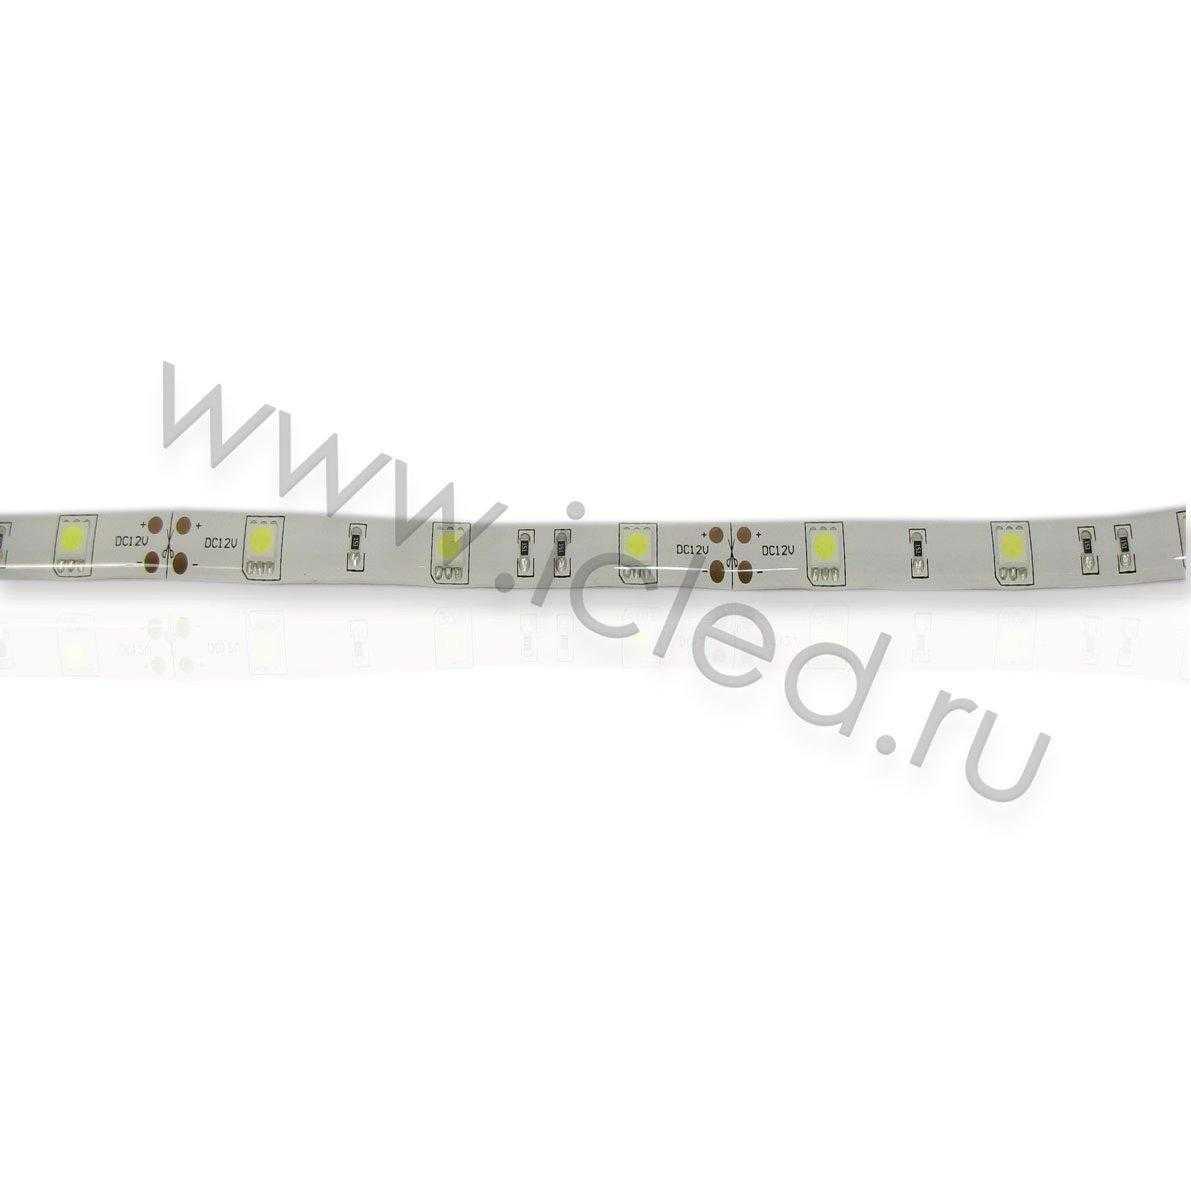 Светодиодная лента Class B, 5050, 30 led/m, White, 12V, IP65